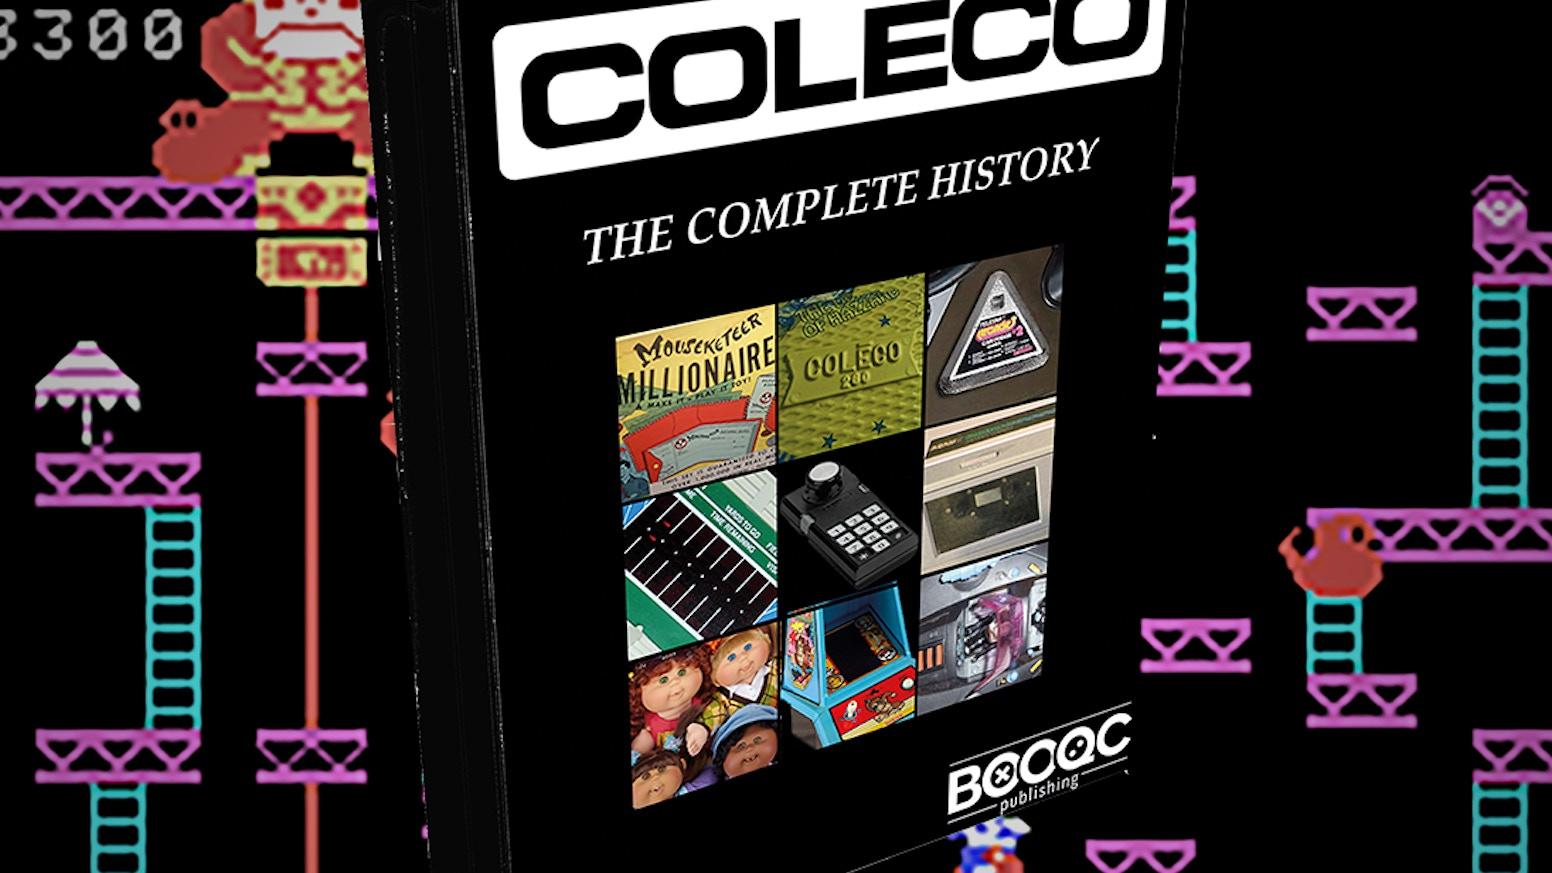 Coleco The Complete History By Antoine Clerc Renaud Etat De La